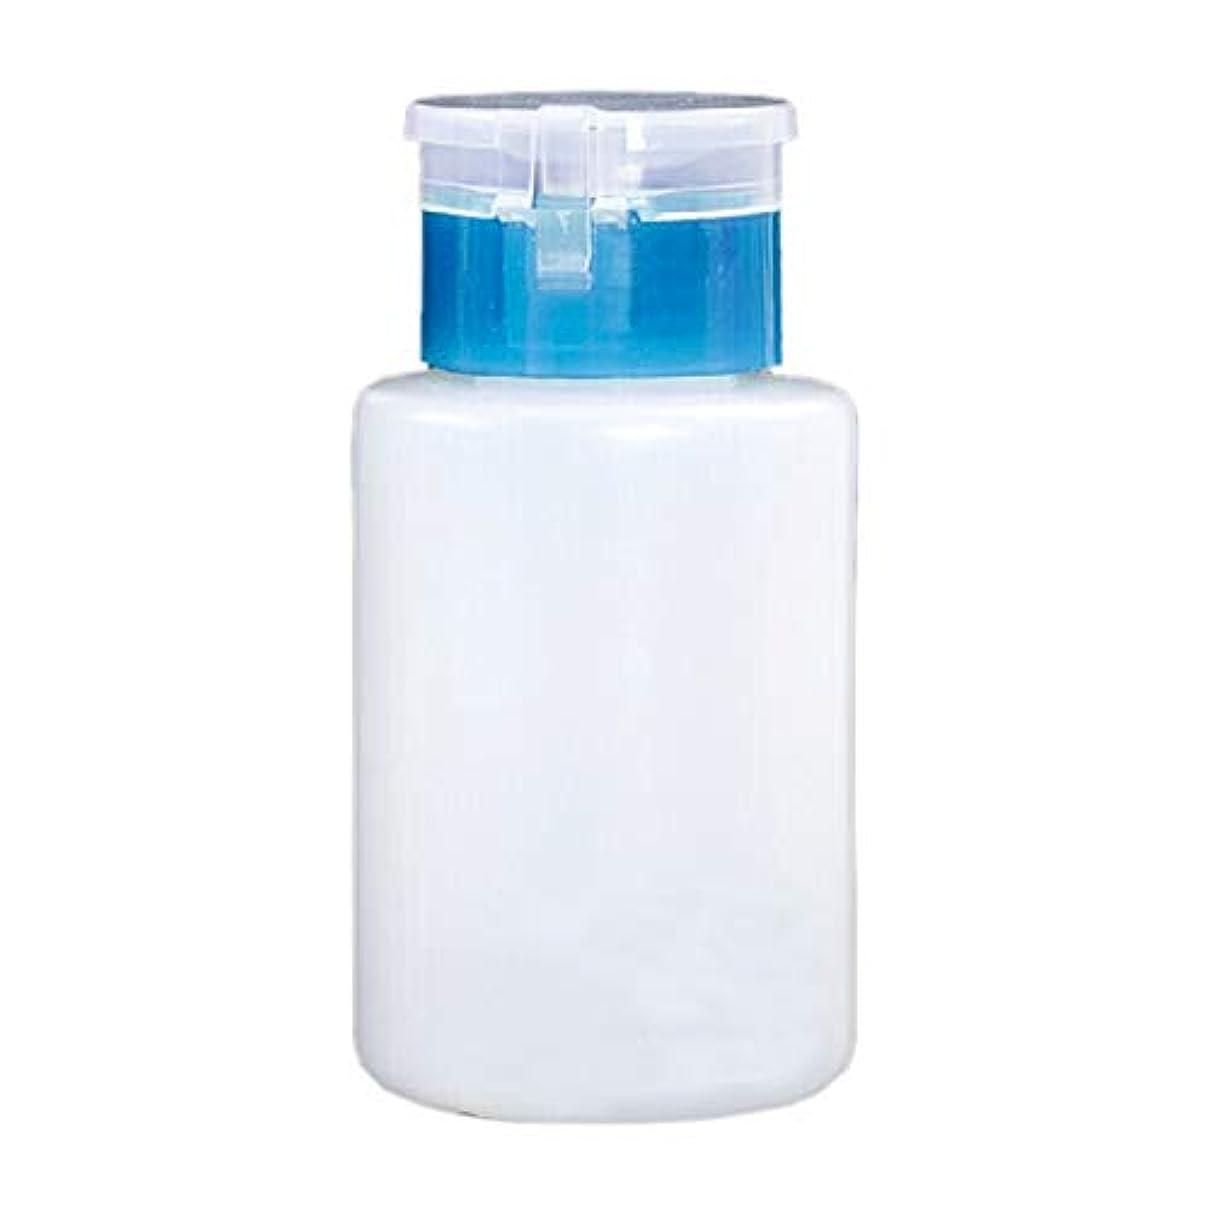 クリーナーレオナルドダ数字TOOGOO 150MLネイルオイルボトル メーク落としアセトンポンプ ディスペンサーボトル(ブルー)